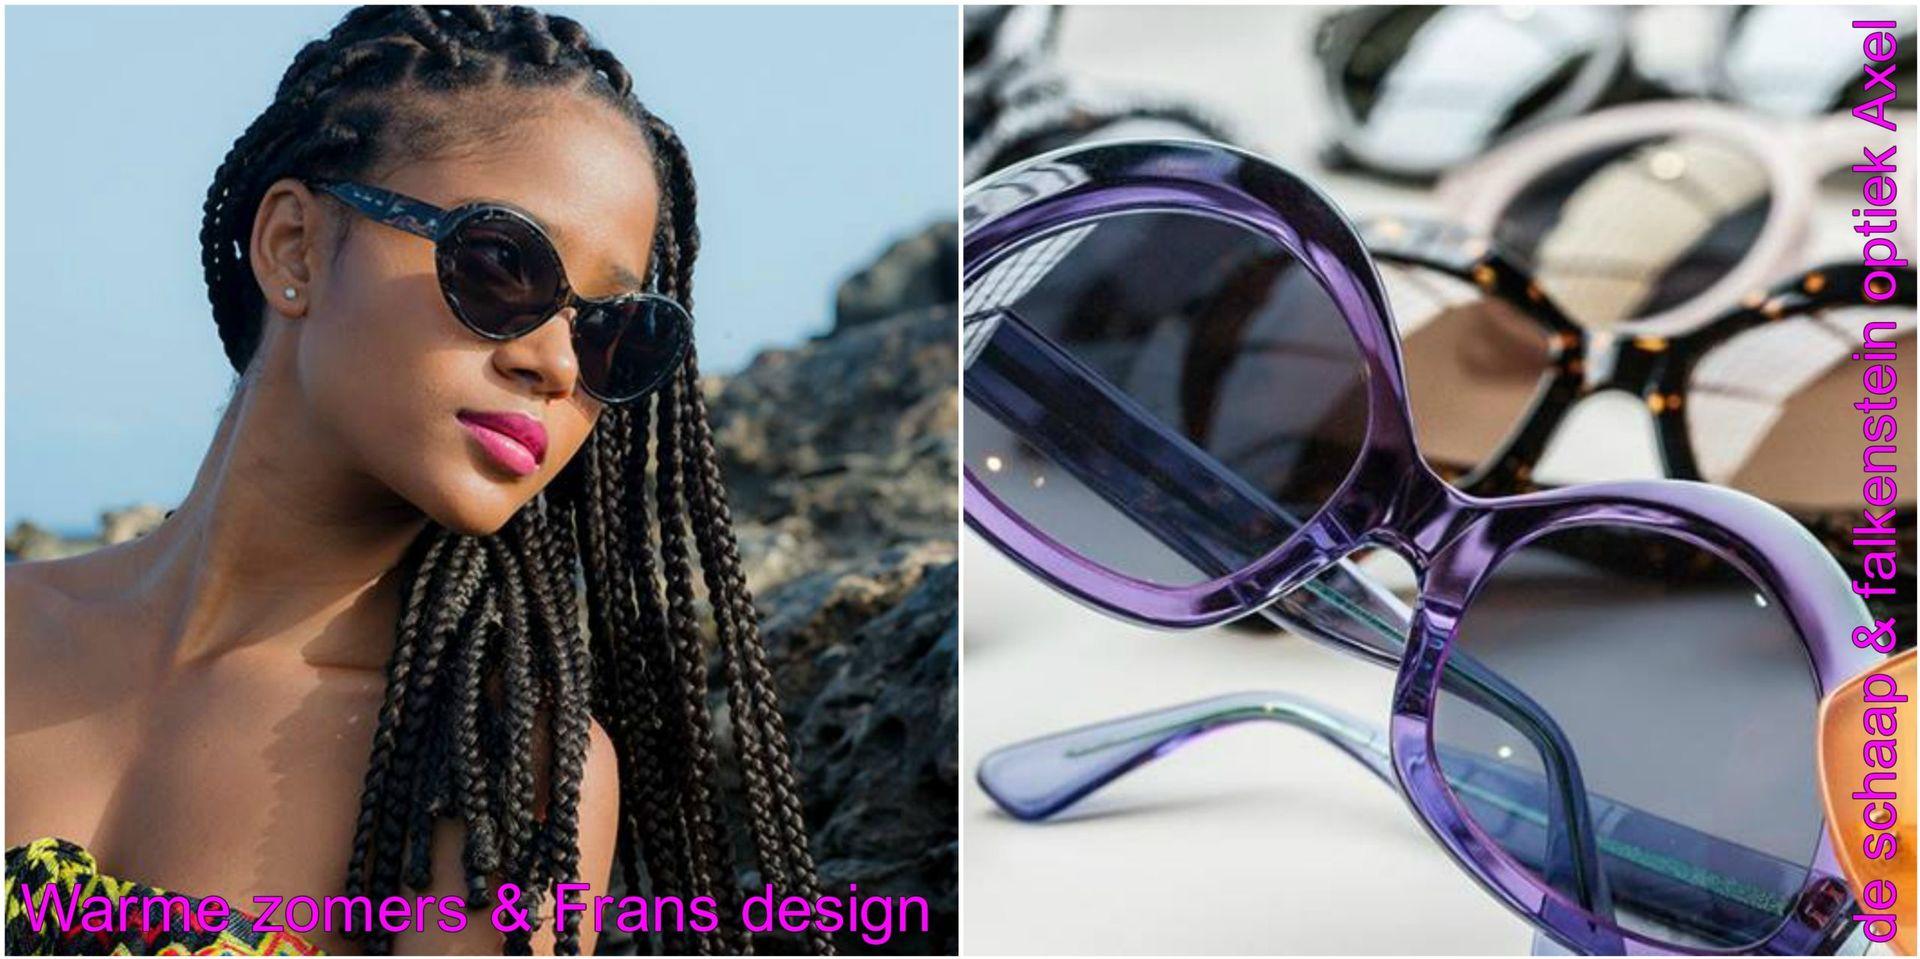 Collage Warme zomers & Frans design - voor website & fb - met winkelnaam